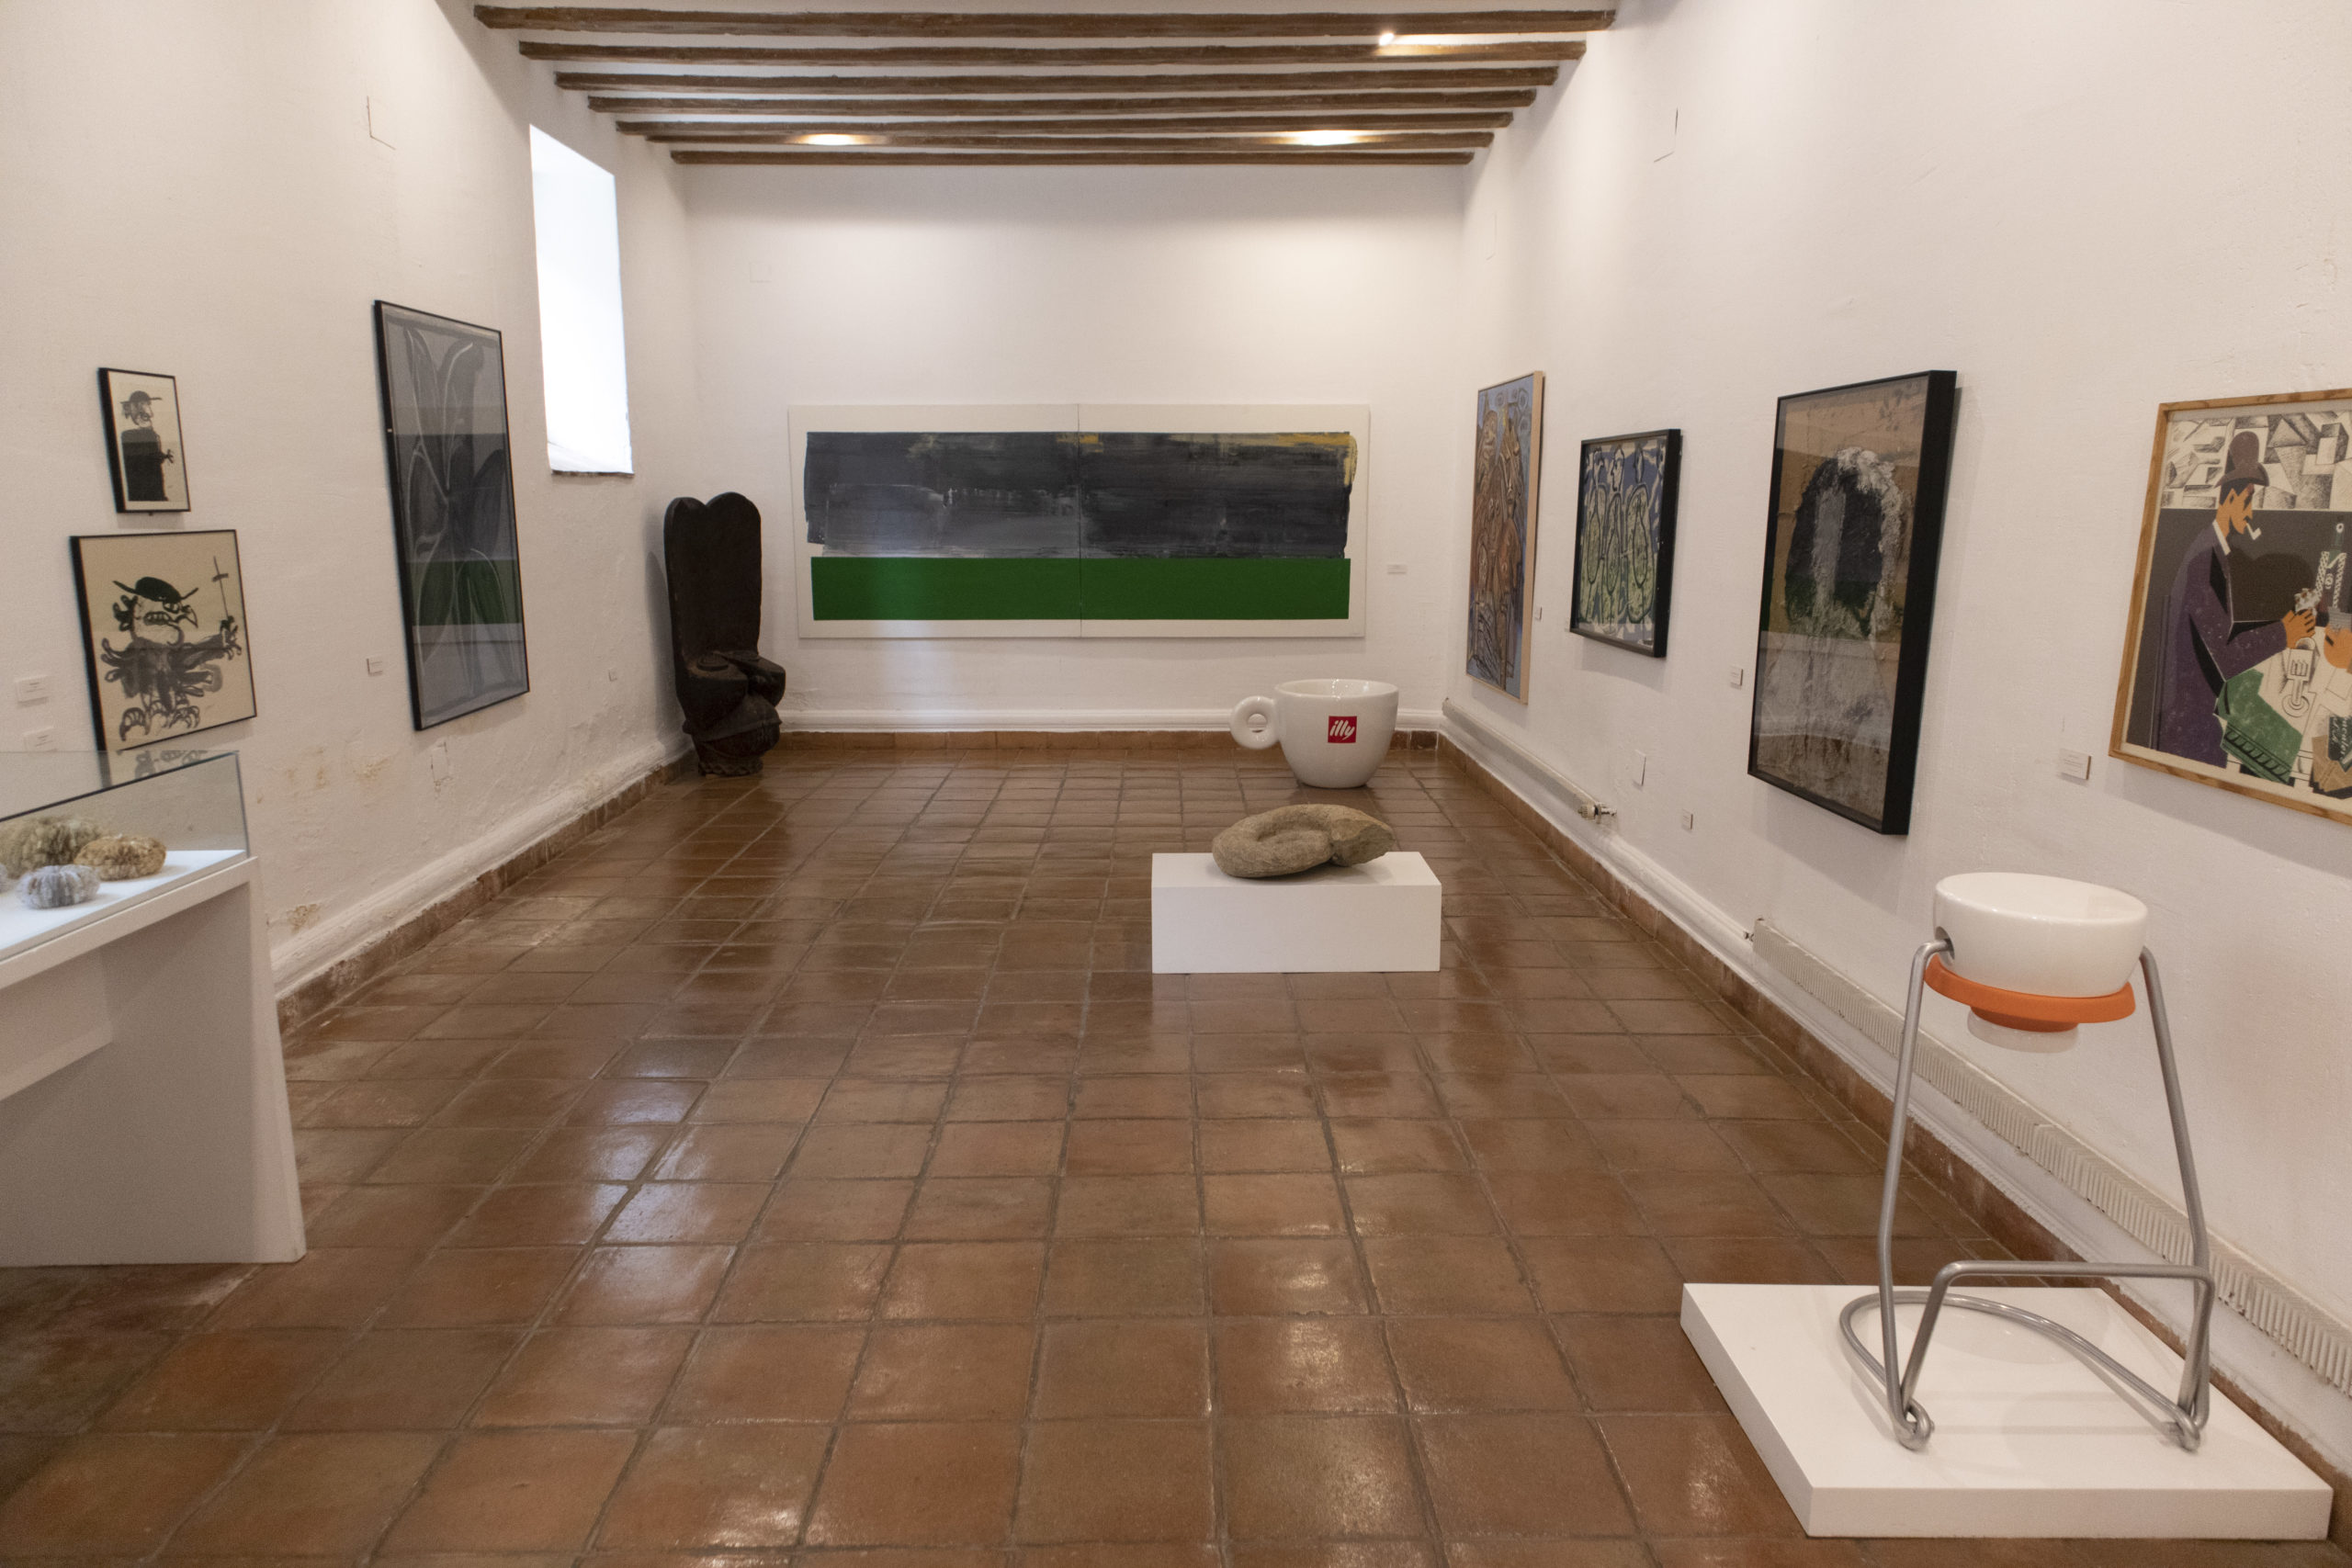 Museo-Antonio-Pérez-cuenca